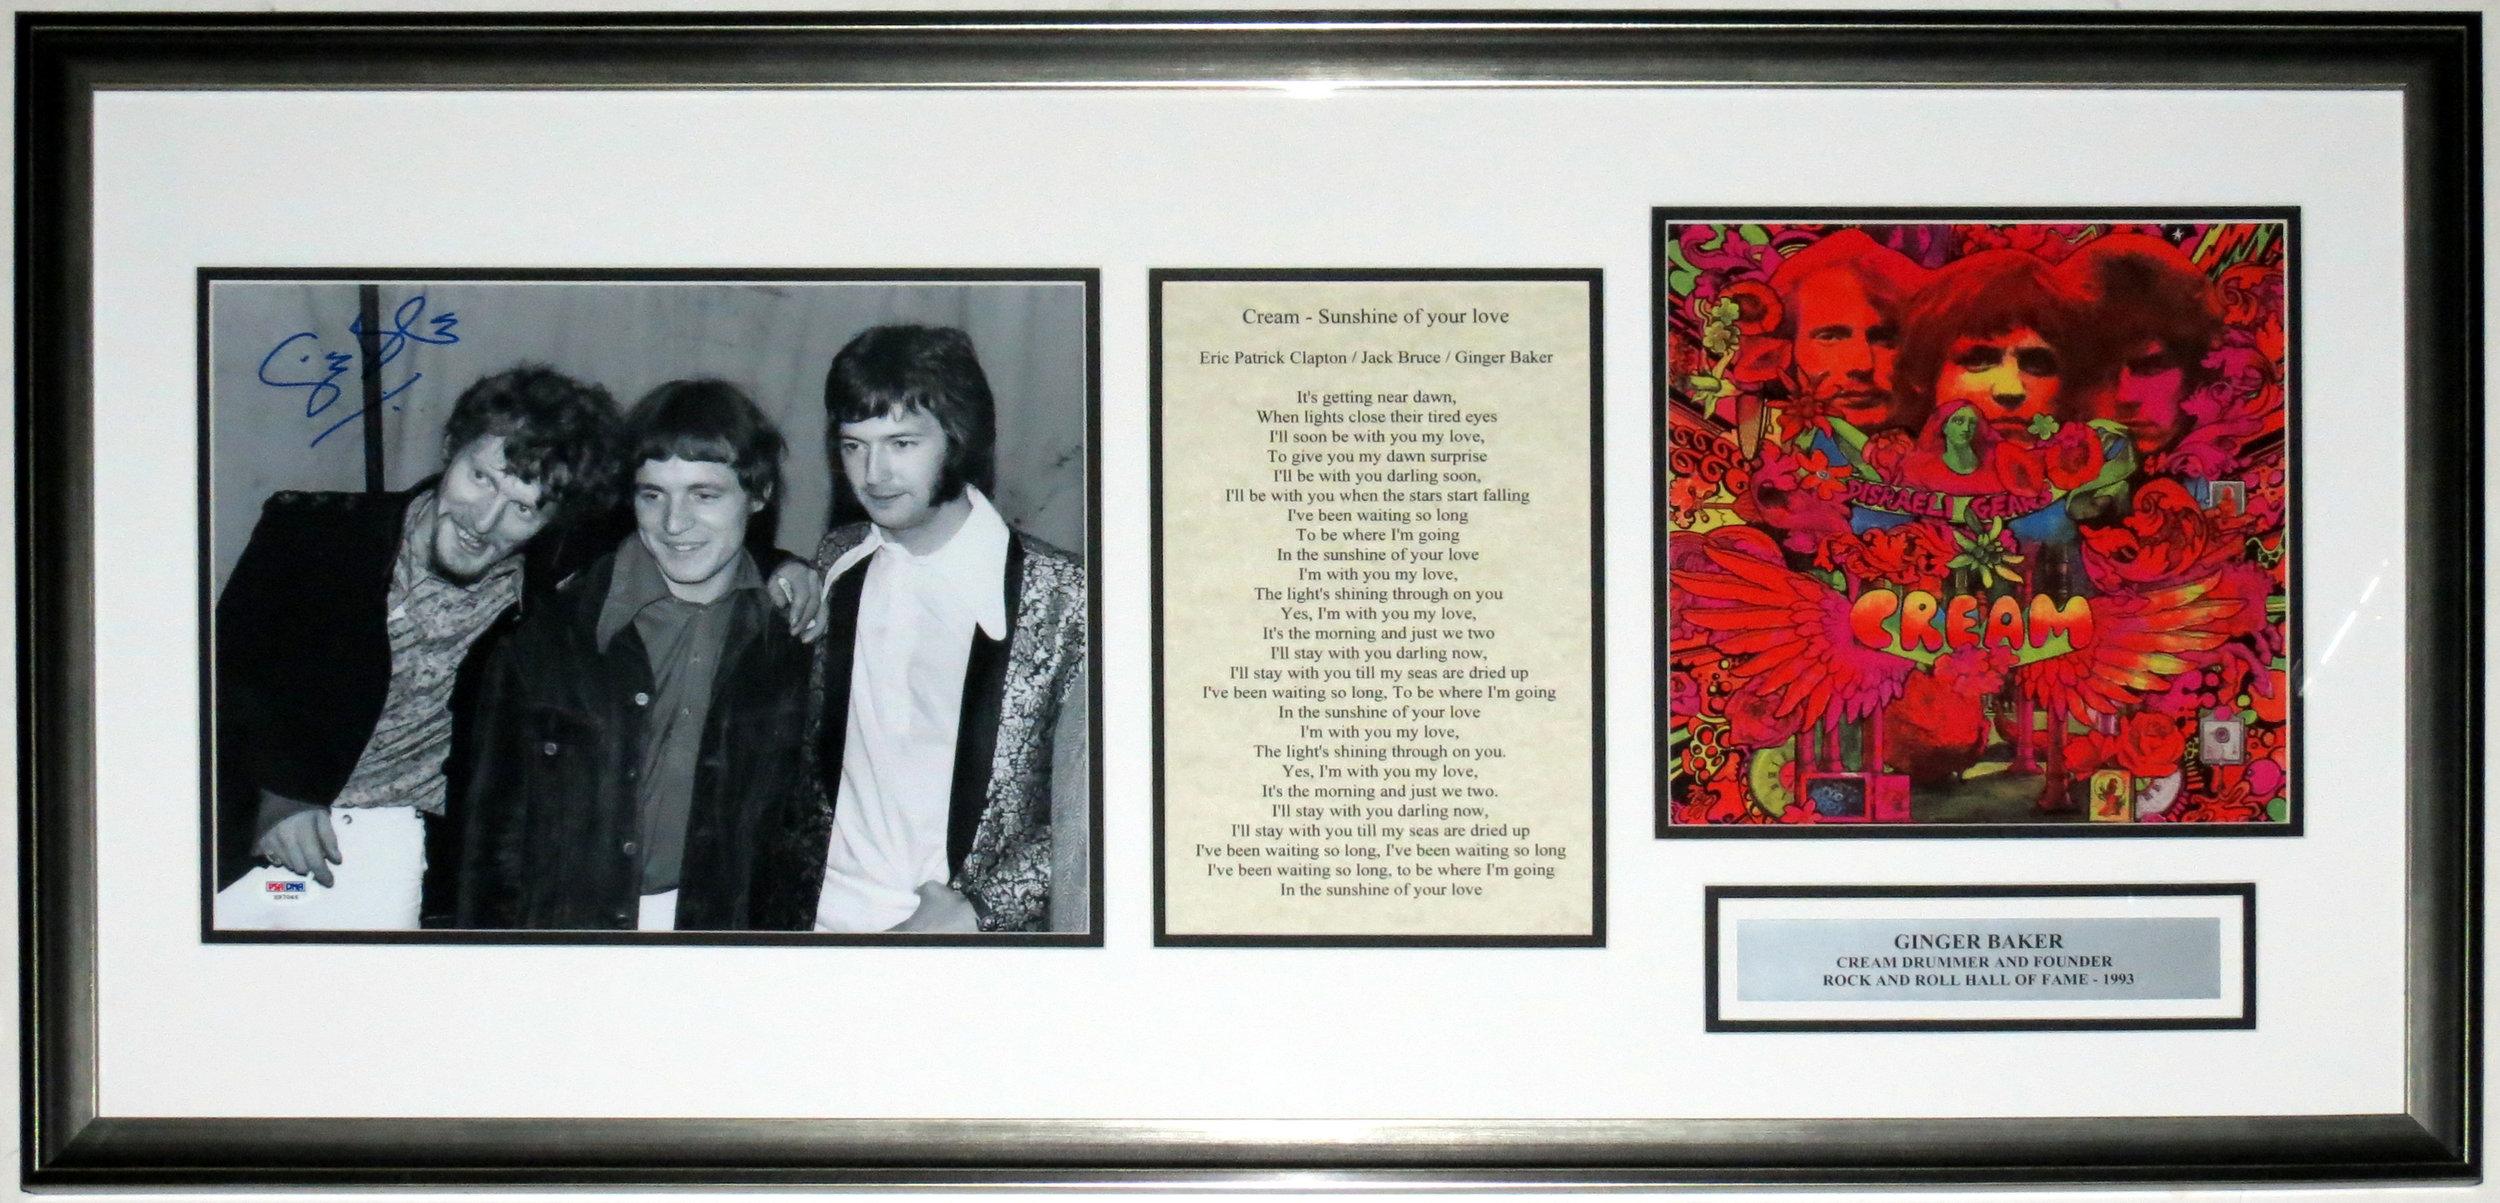 Ginger Baker Signed Cream Concert 11x14 Photo - PSA DNA COA Authenticated - Custom Framed & Disraeli Gears Album & Lyrics 38x18